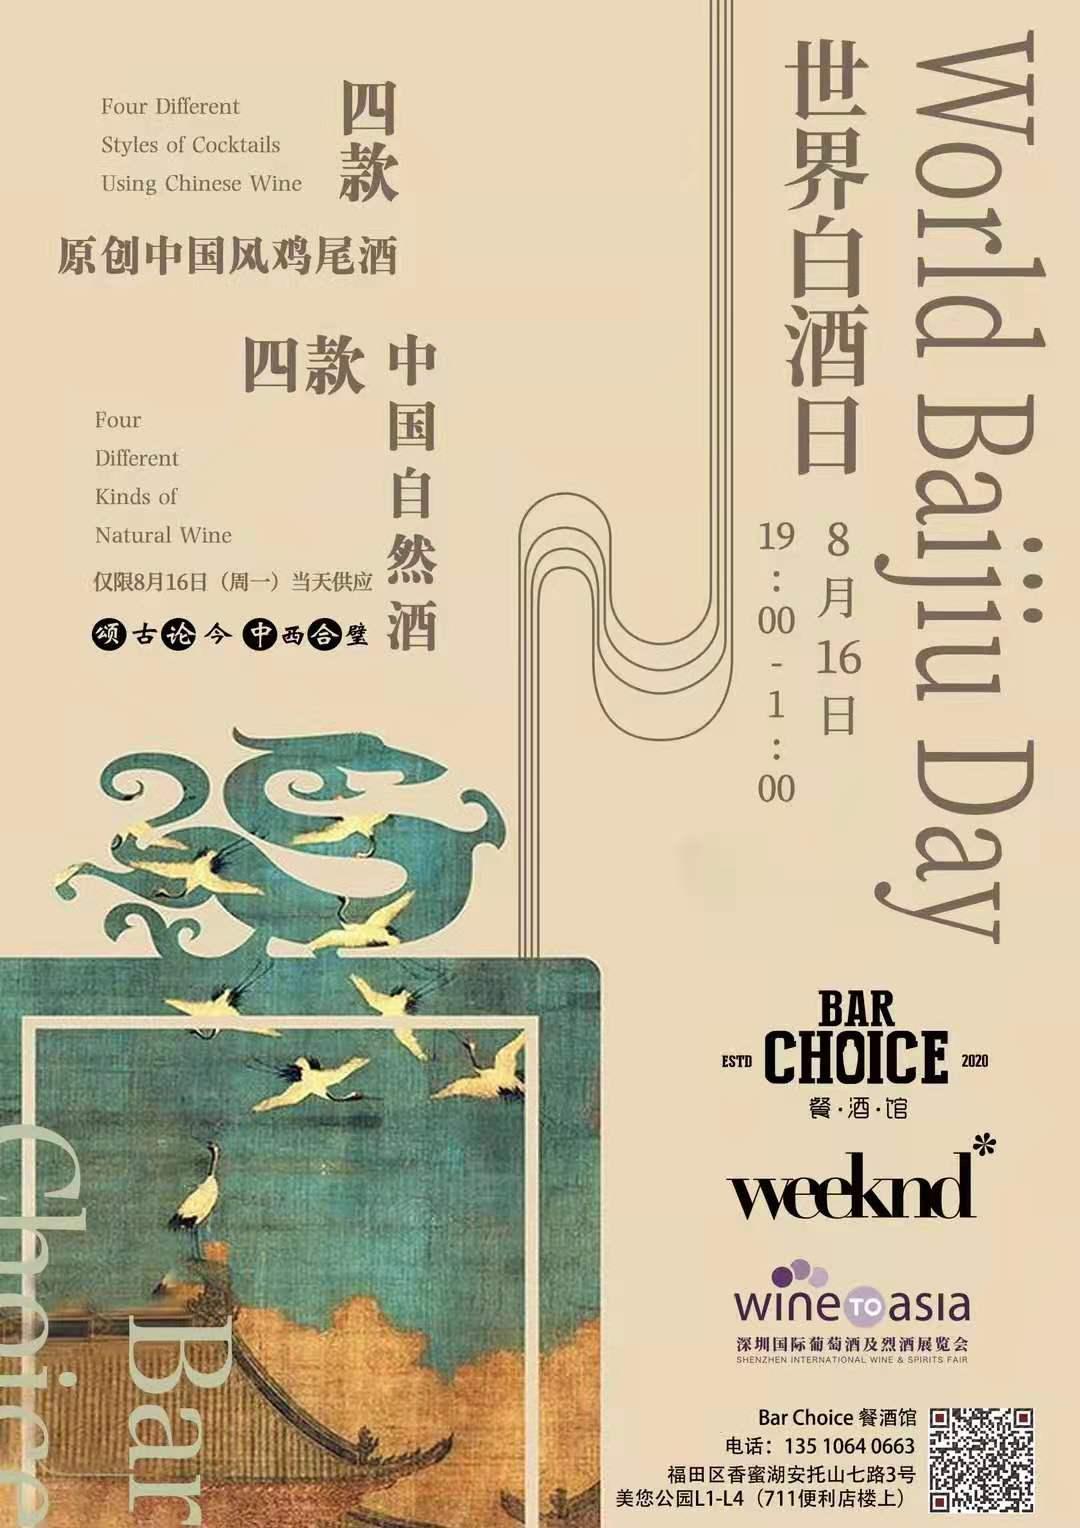 world-baijiu-day-2021-shenzhen-bar-choice-weeknd-wine-to-asia-20